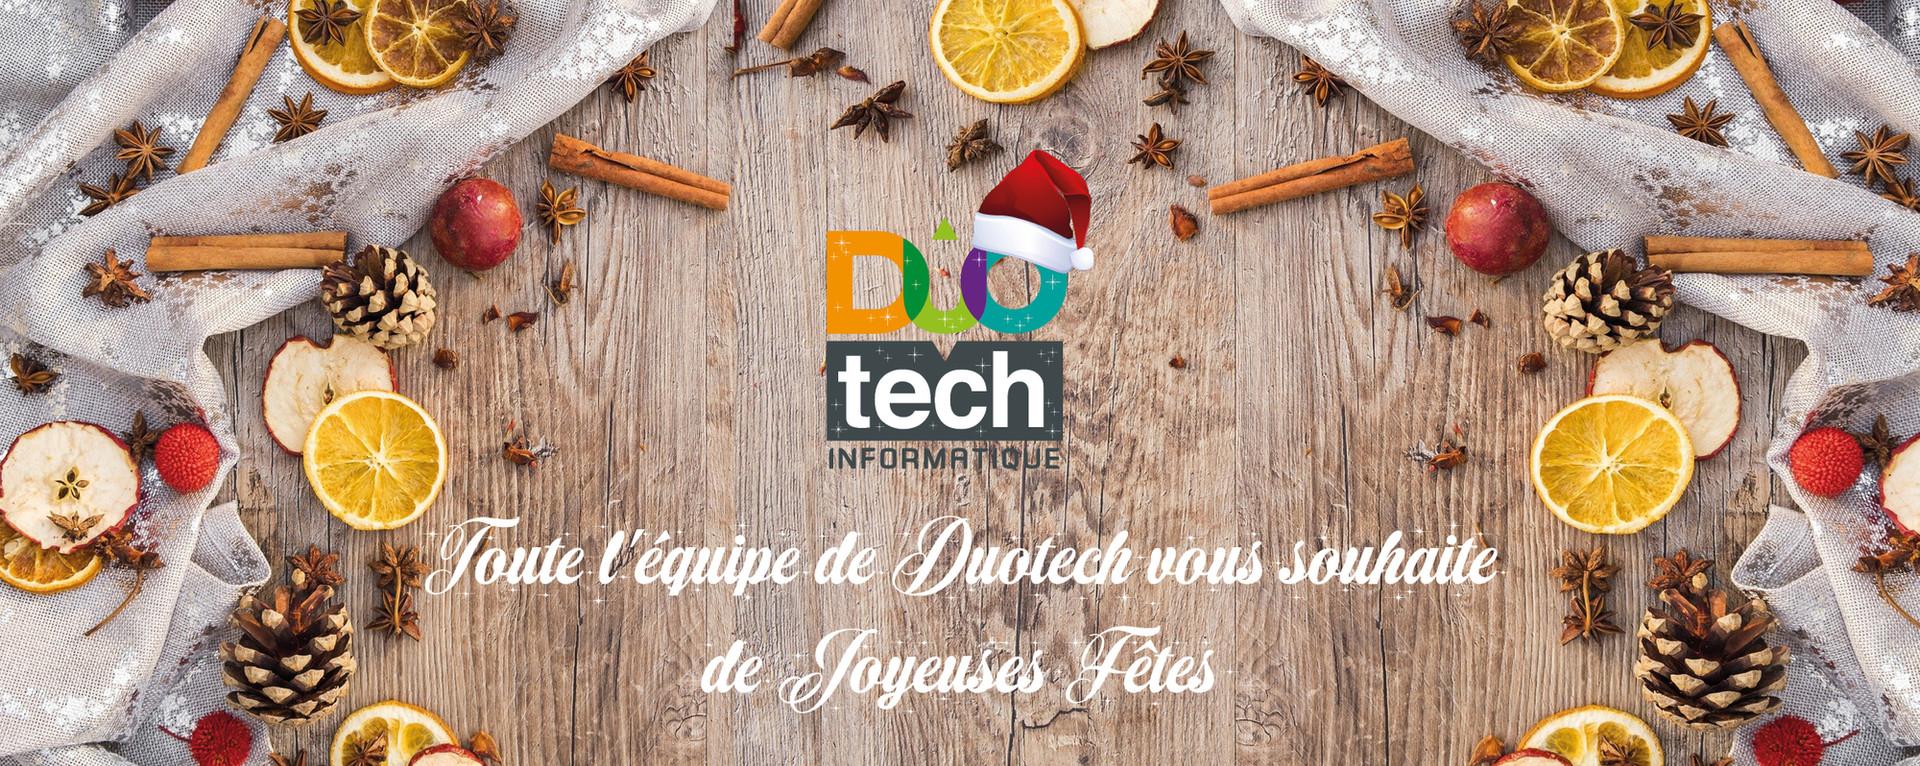 Duotech vous souhaite de joyeuses fêtes